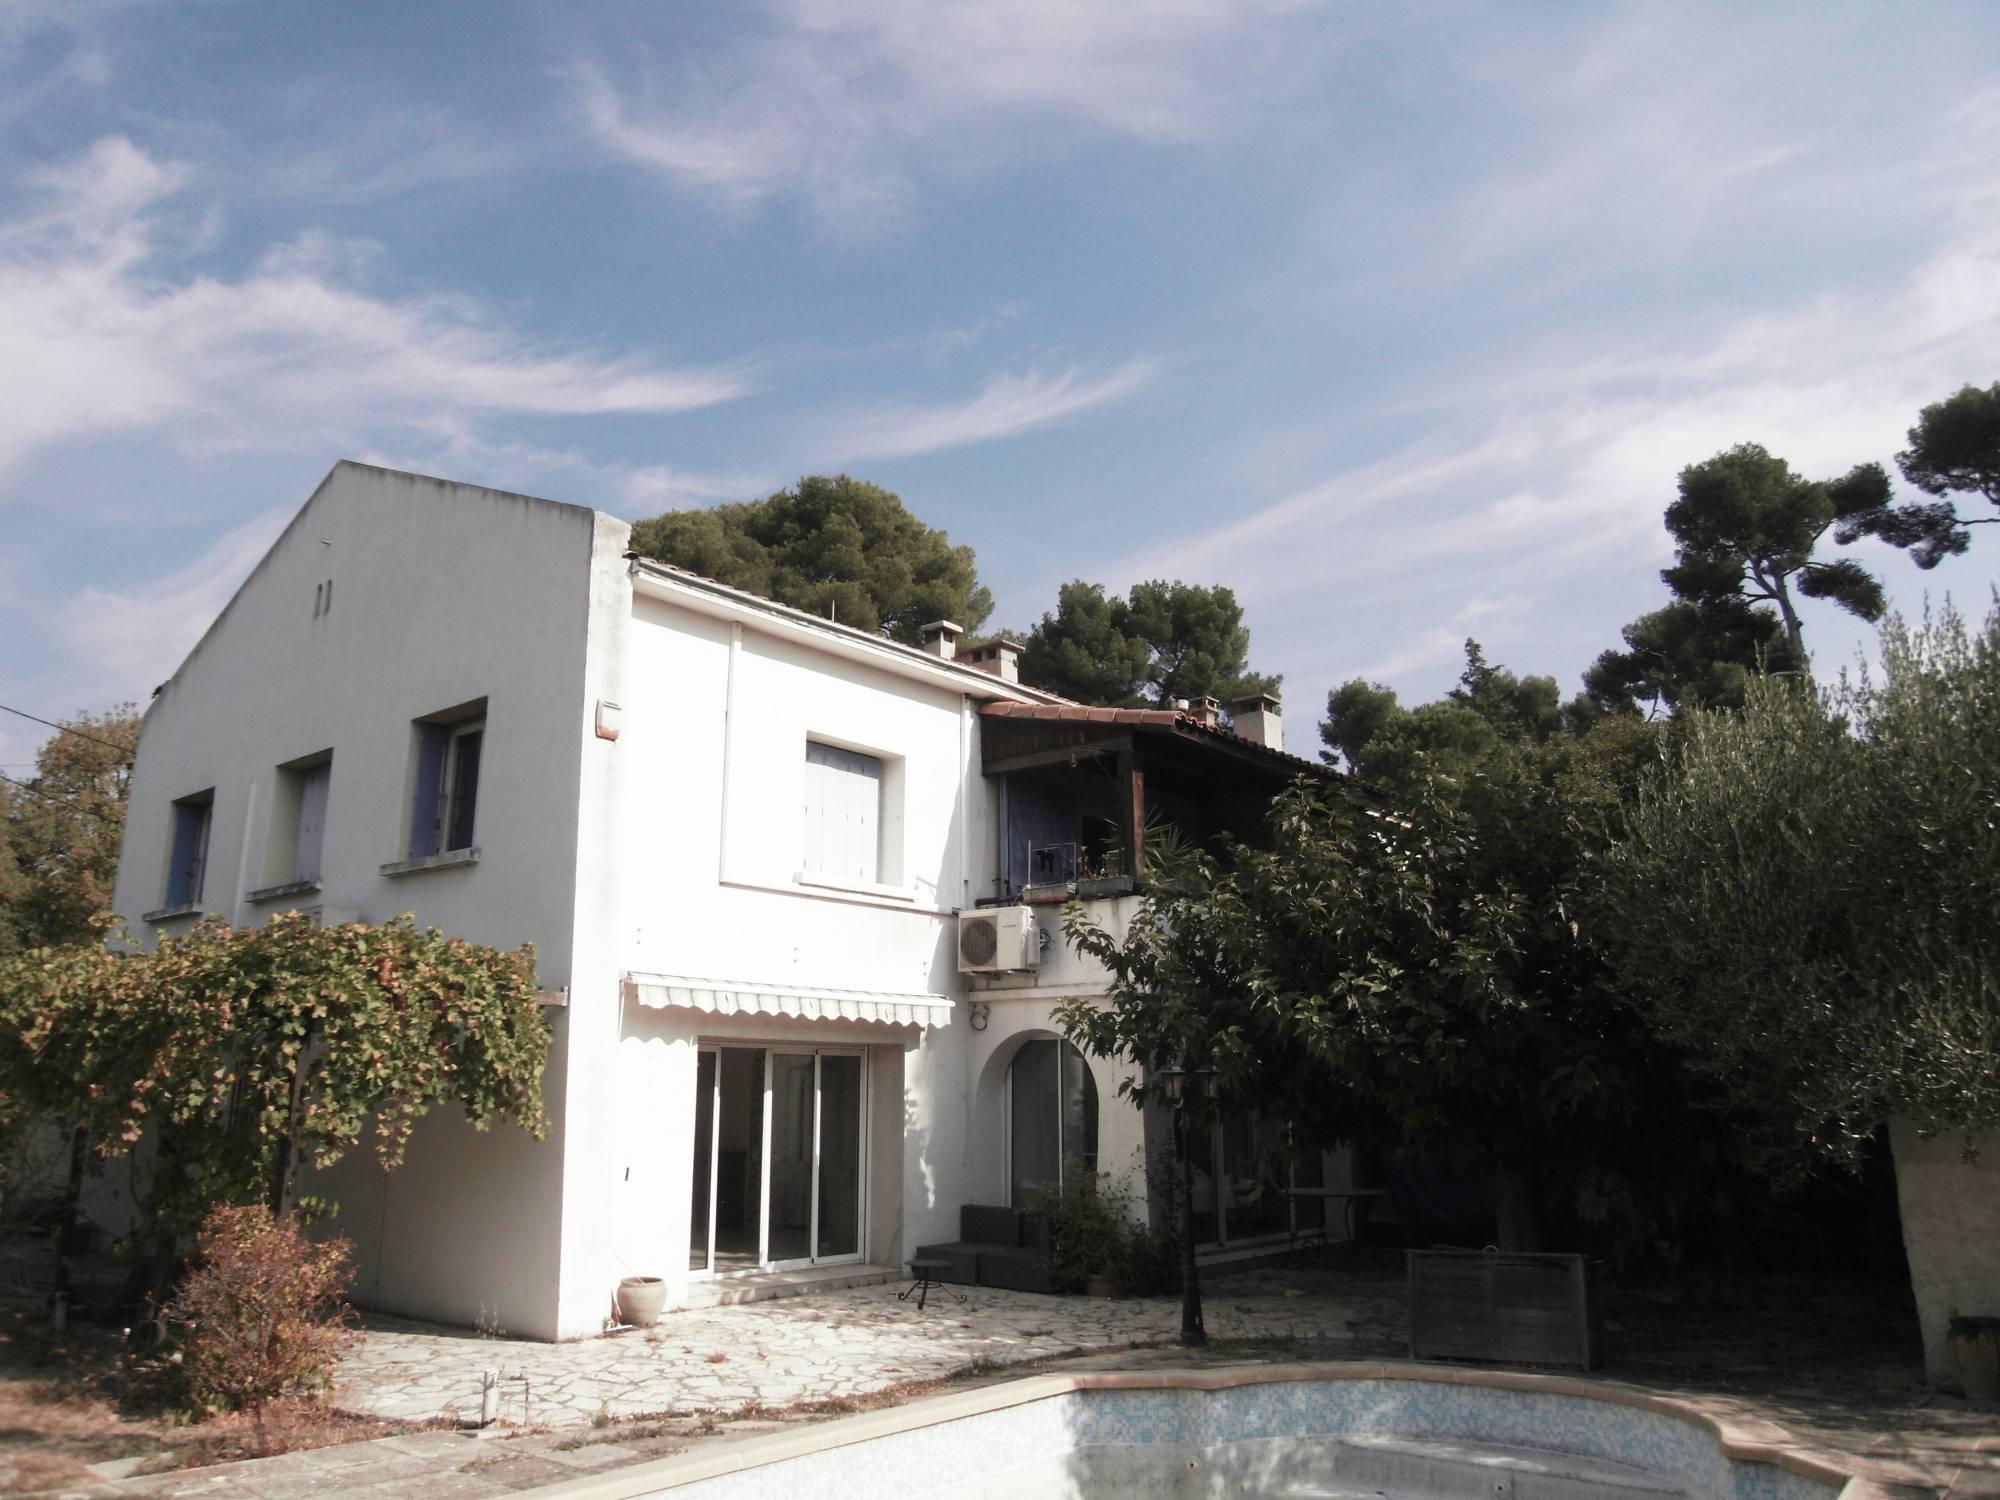 A vendre Secteur résidentiel de la Rose T3 situé en rez de chaussée d'une villa avec piscine et jardin privatif